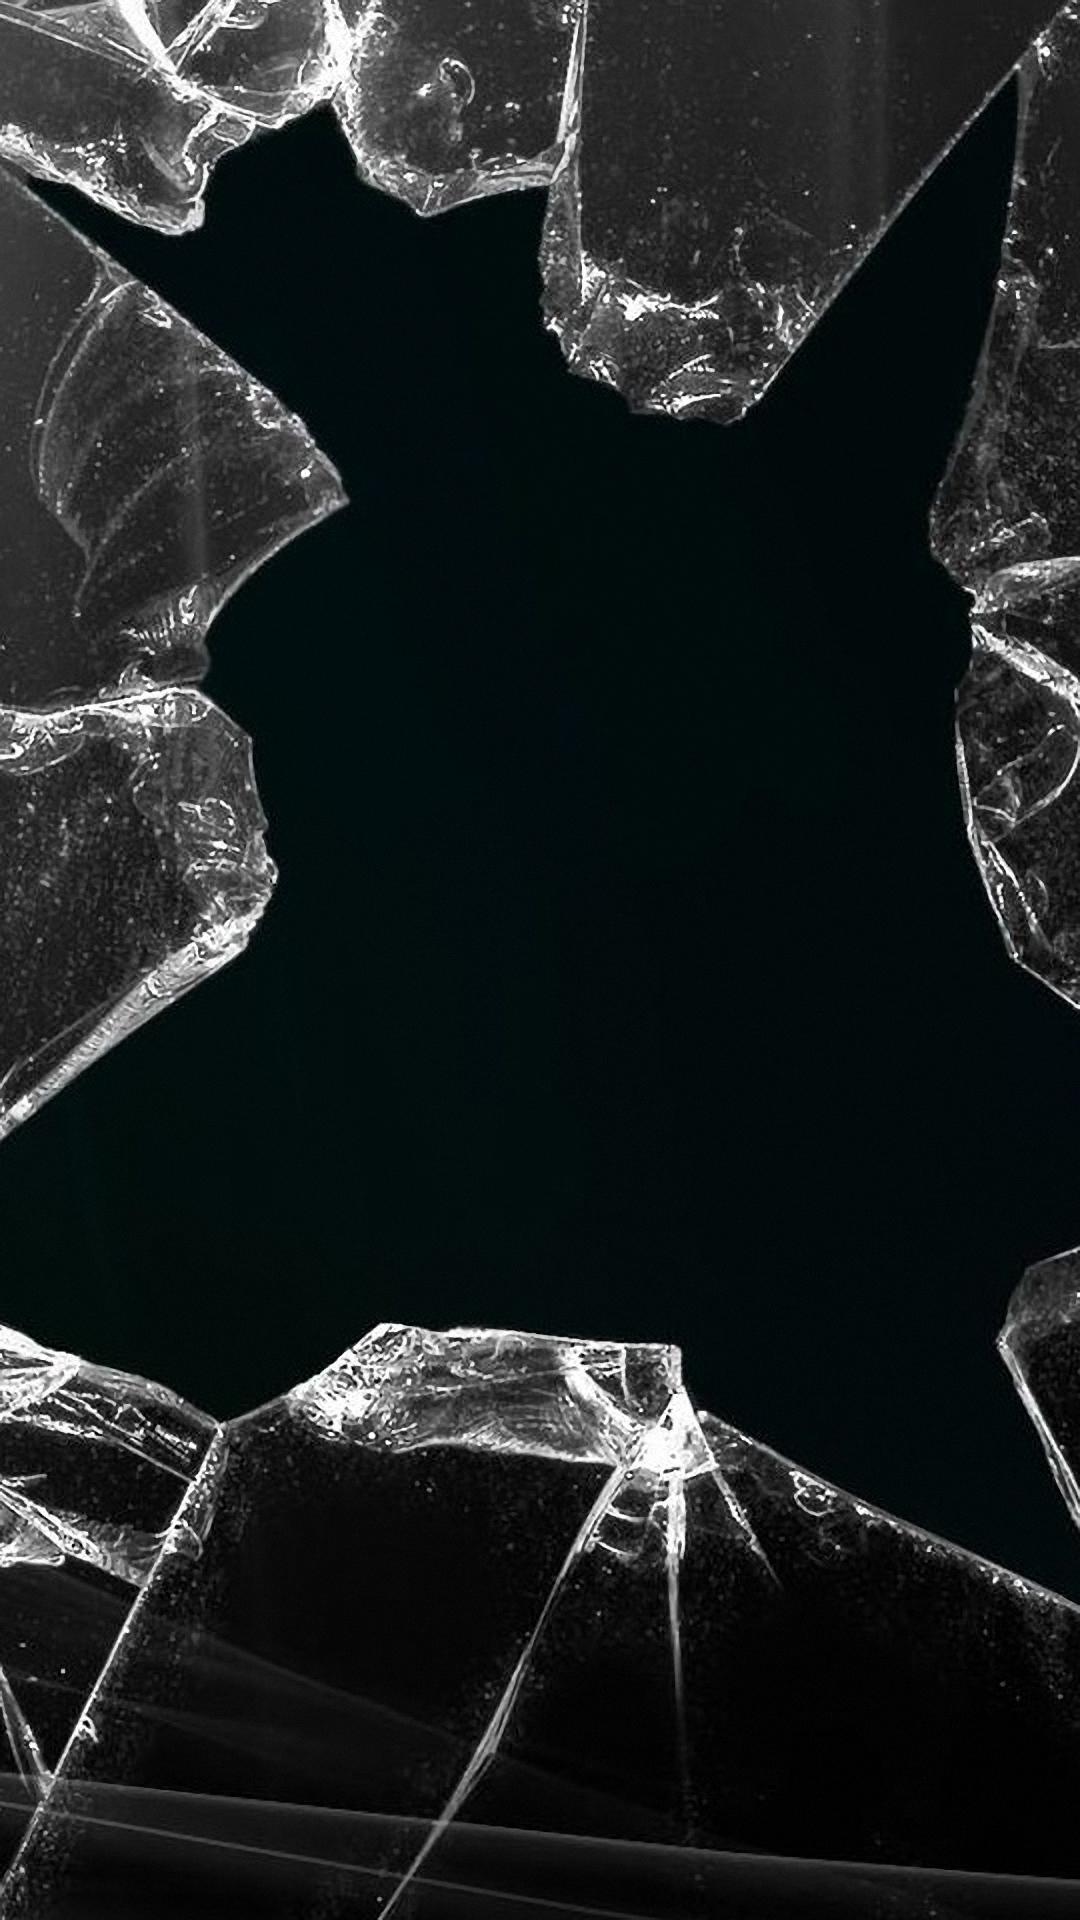 ロック画面iphone壁紙hdブラック 割れたガラスのiphoneの壁紙 1080x19 Wallpapertip